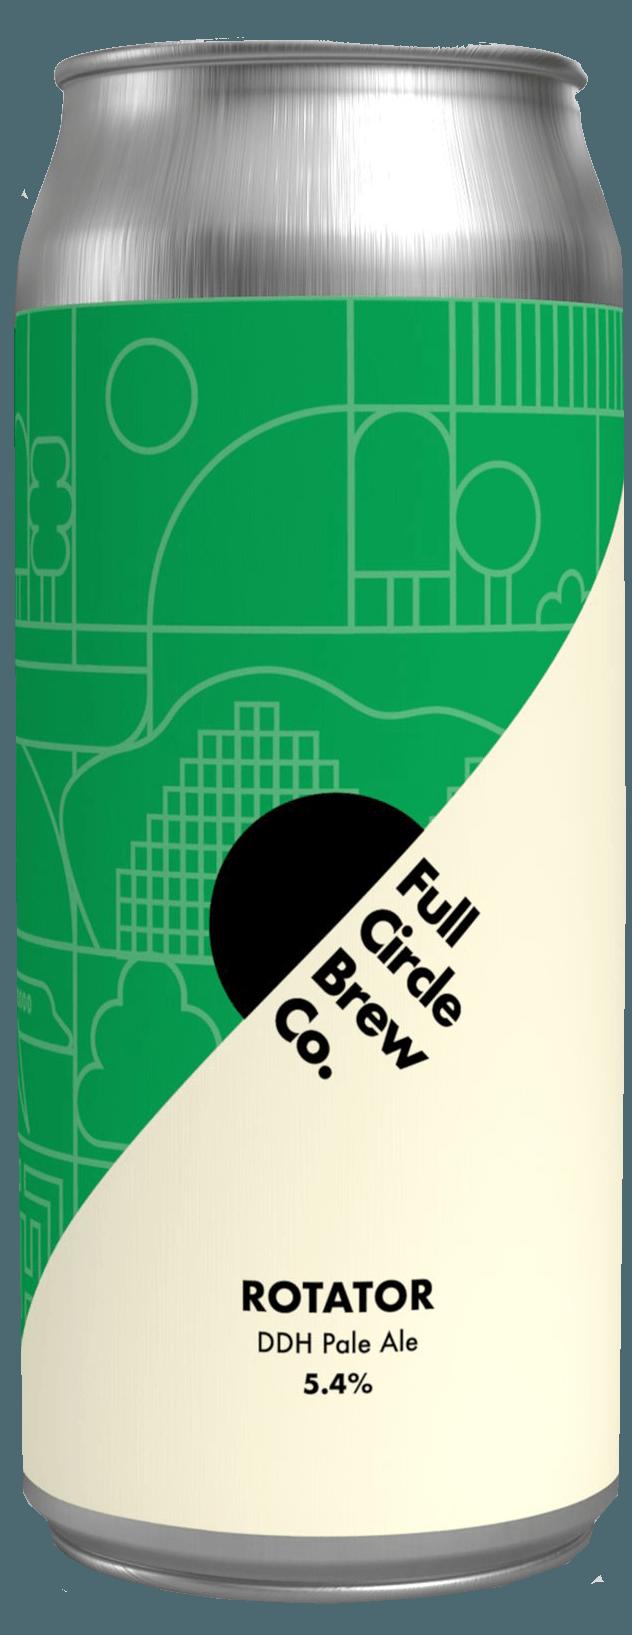 Image 0: FCBC Rotator DDH Pale Ale